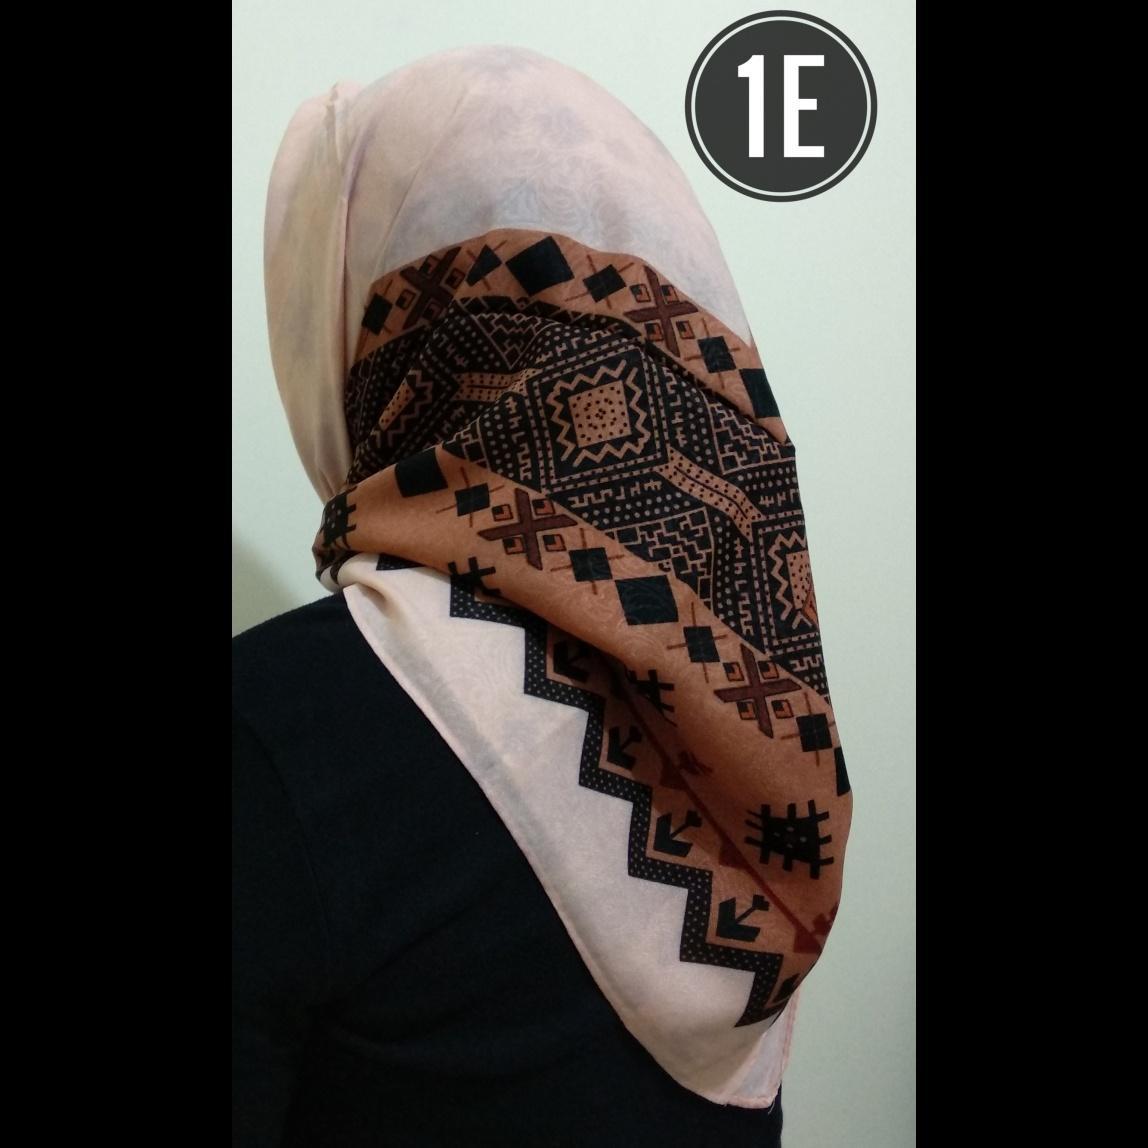 Hijab impor - Jilbab segiempat - Bahan Cotton Emboss - Motif Songket